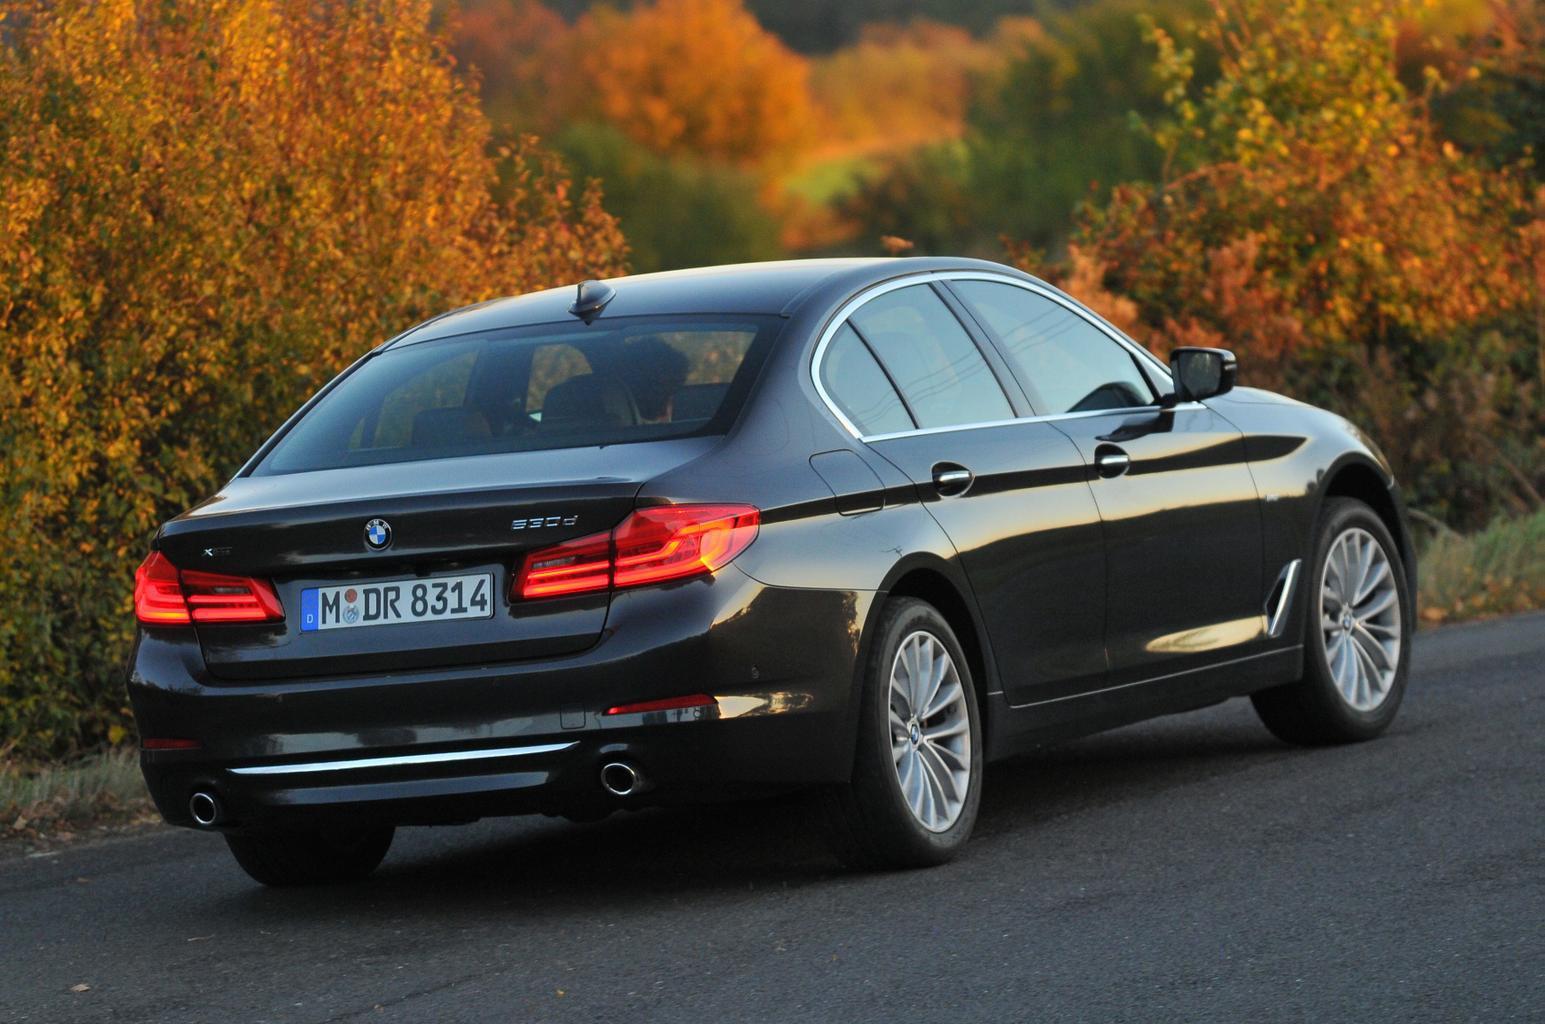 New BMW 530d vs Jaguar XF V6 Diesel